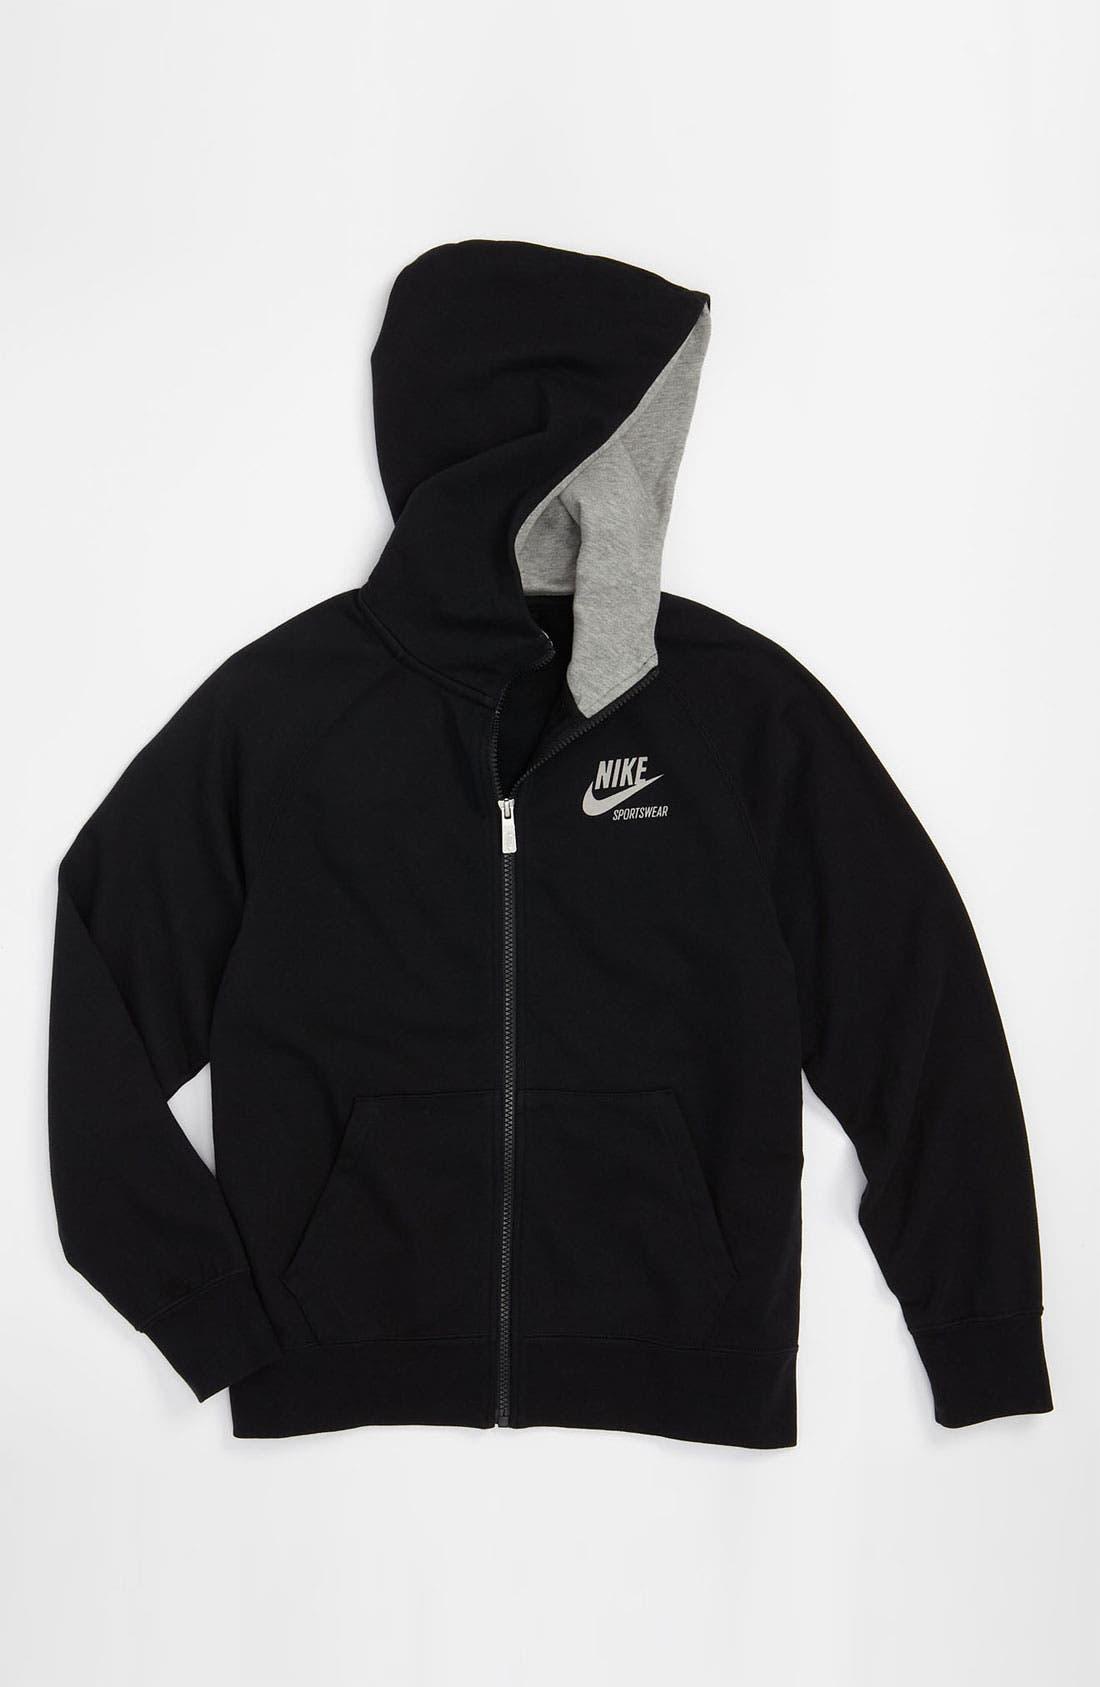 Alternate Image 1 Selected - Nike 'AW77 FZ' Zip Hoodie (Big Boys)